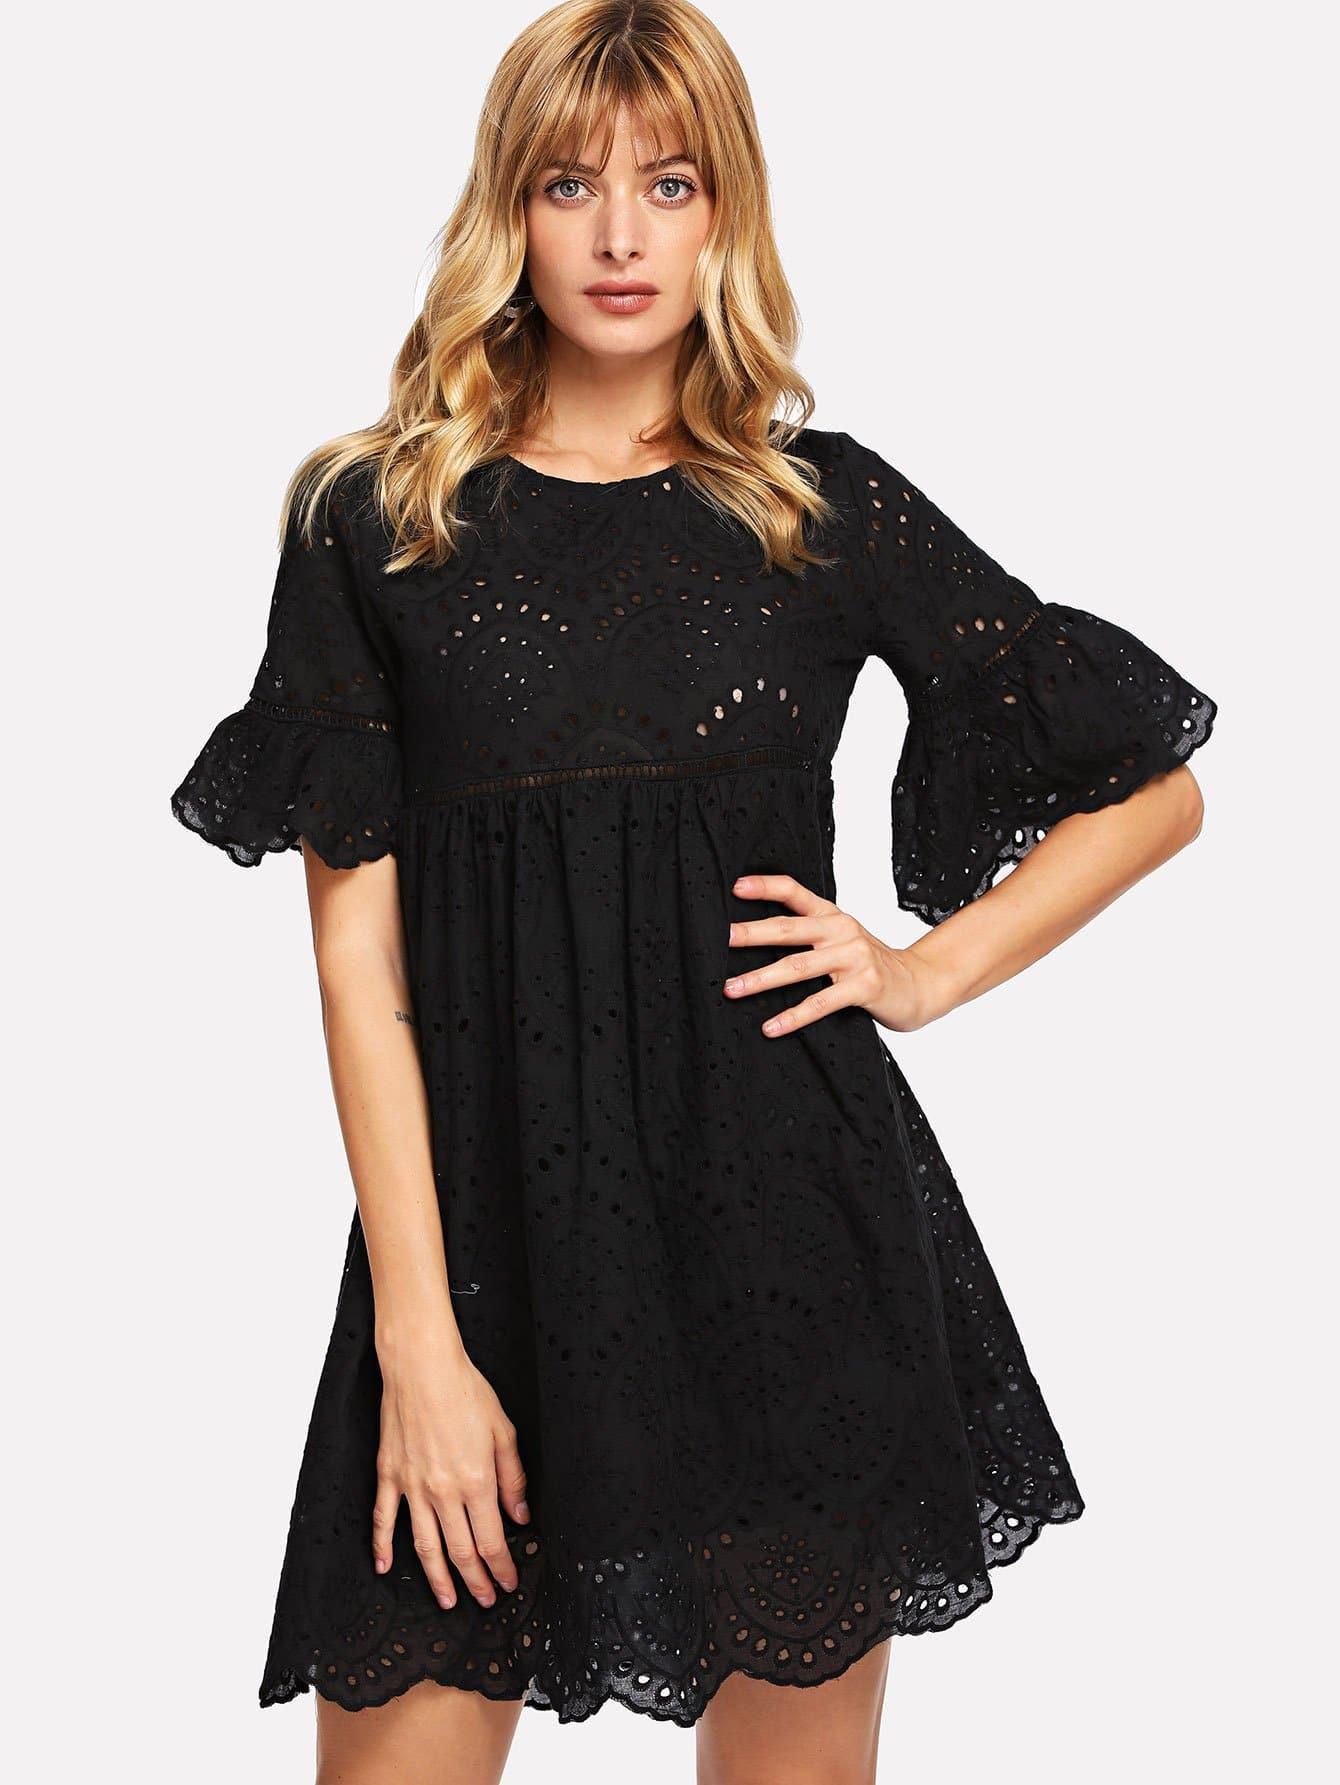 Купить Платье с вышивкой из вышитого шнурка, Masha, SheIn